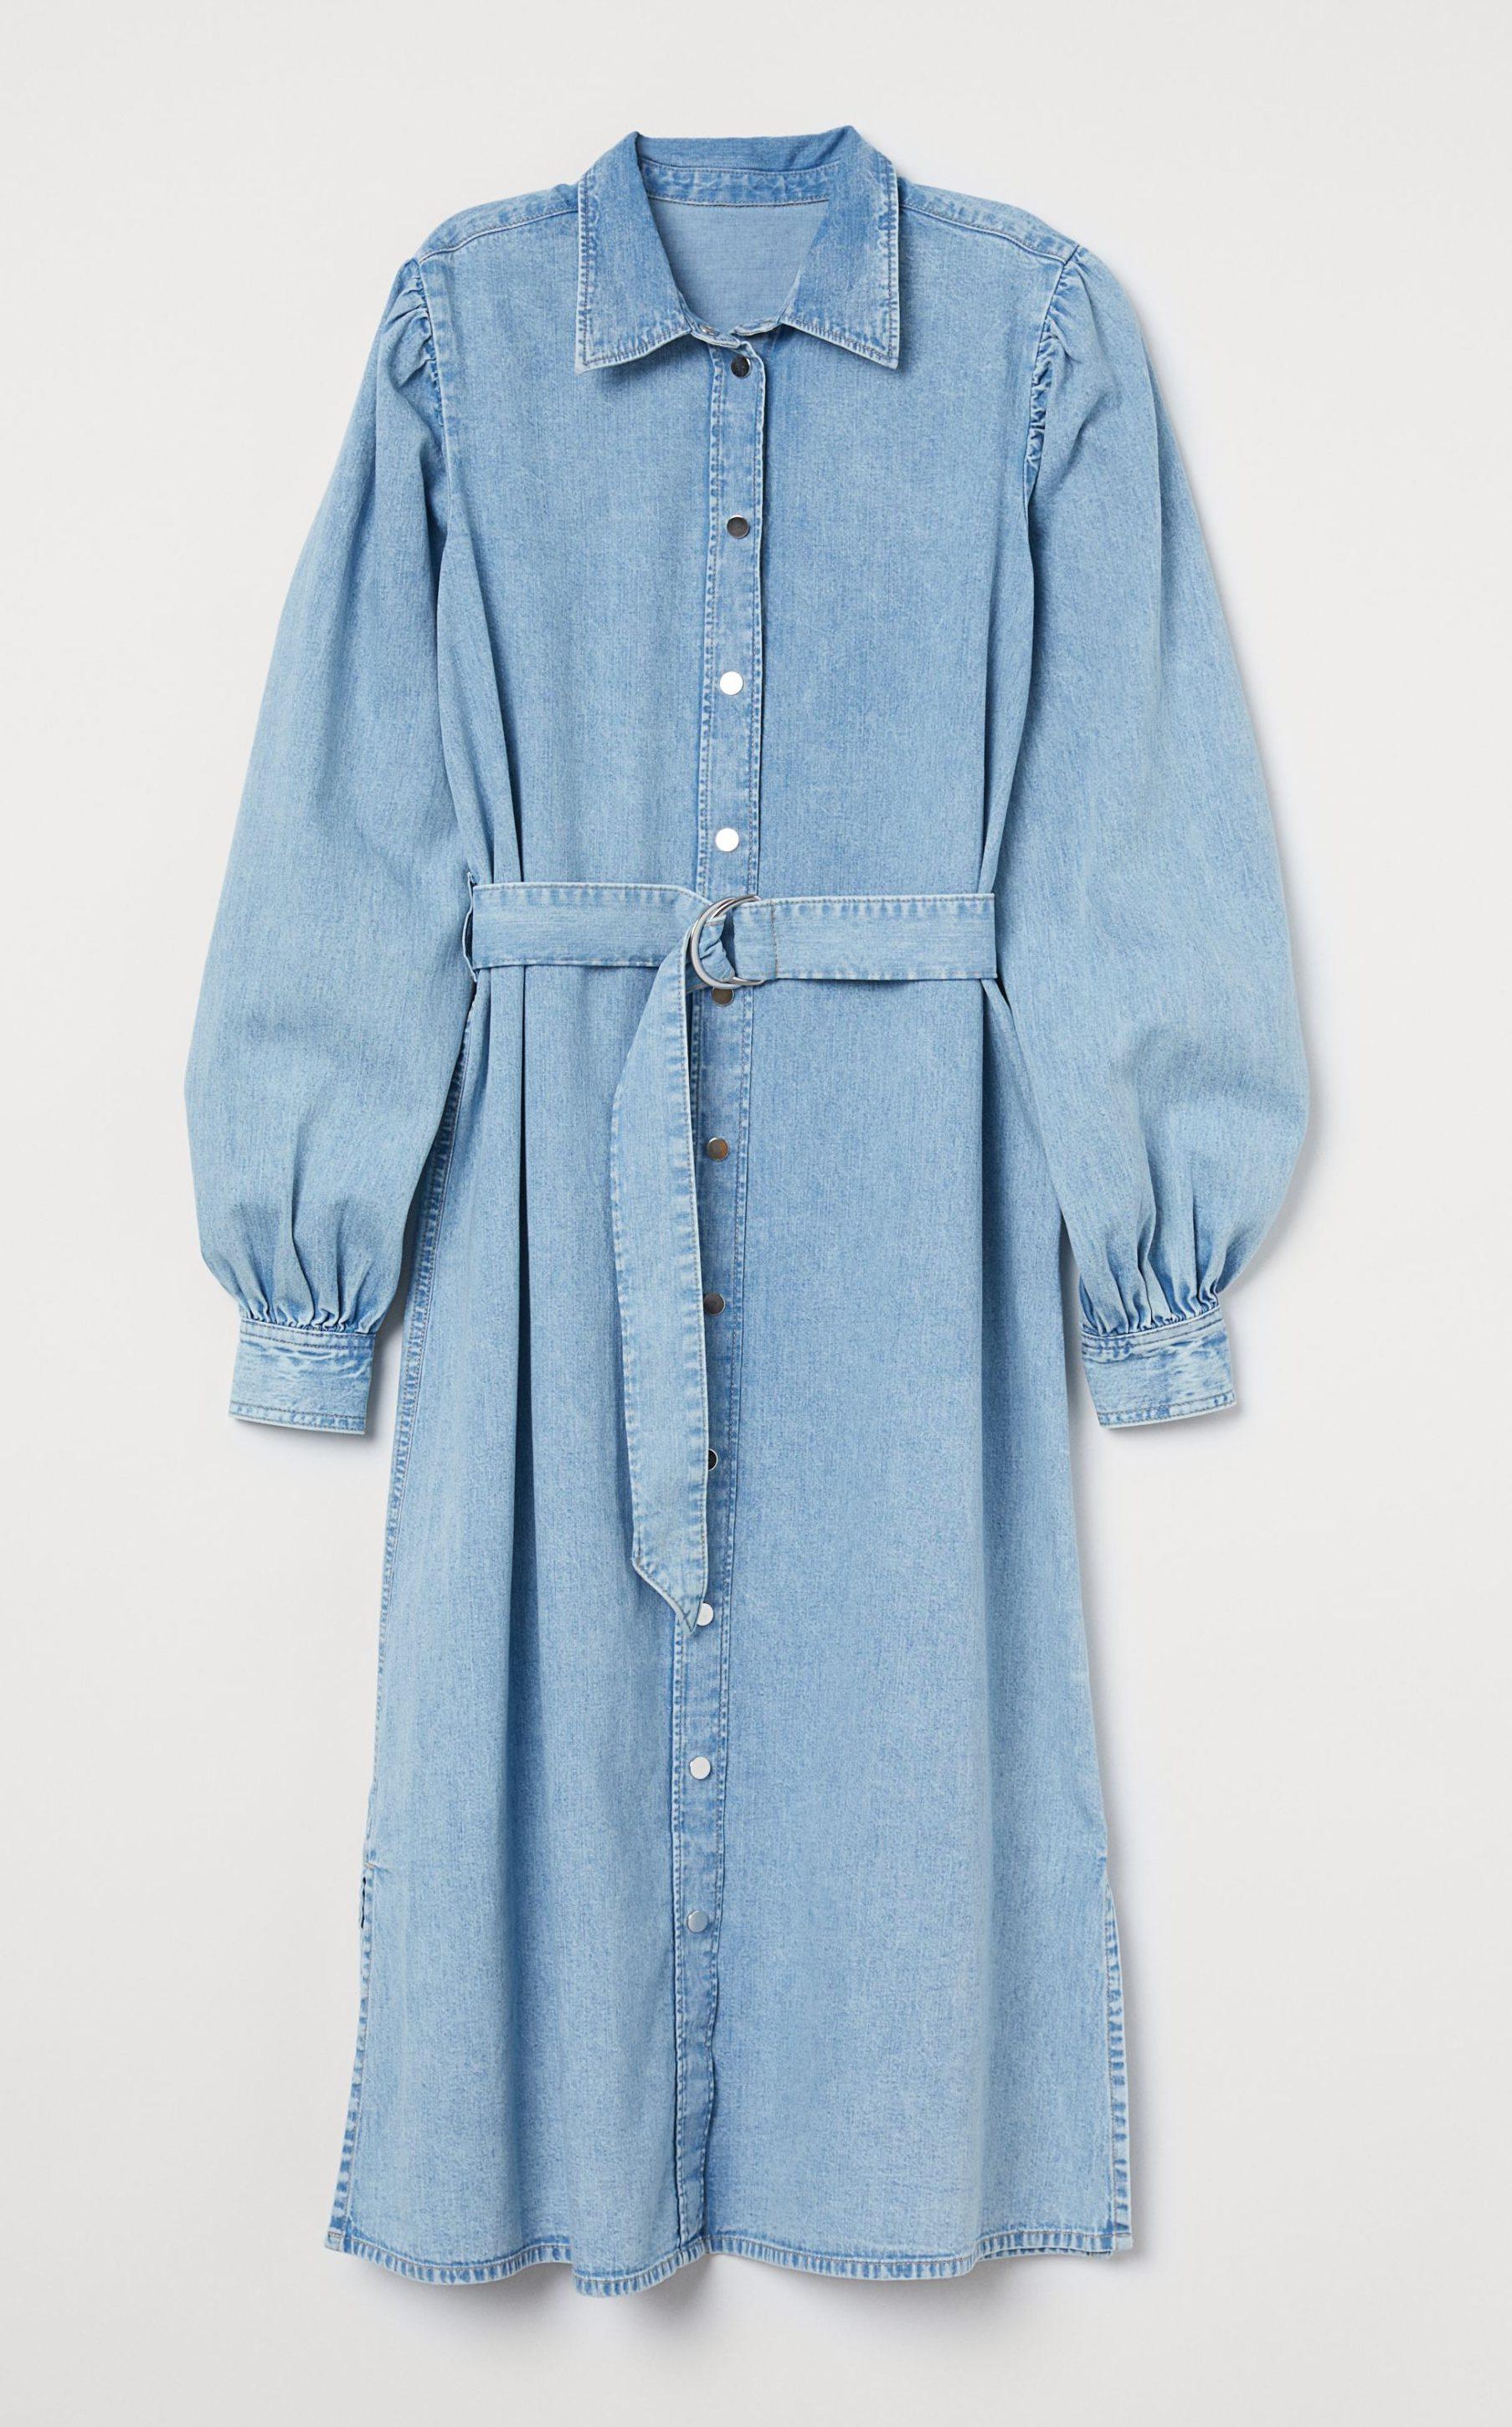 Blå denim kjole. Foto: PR)